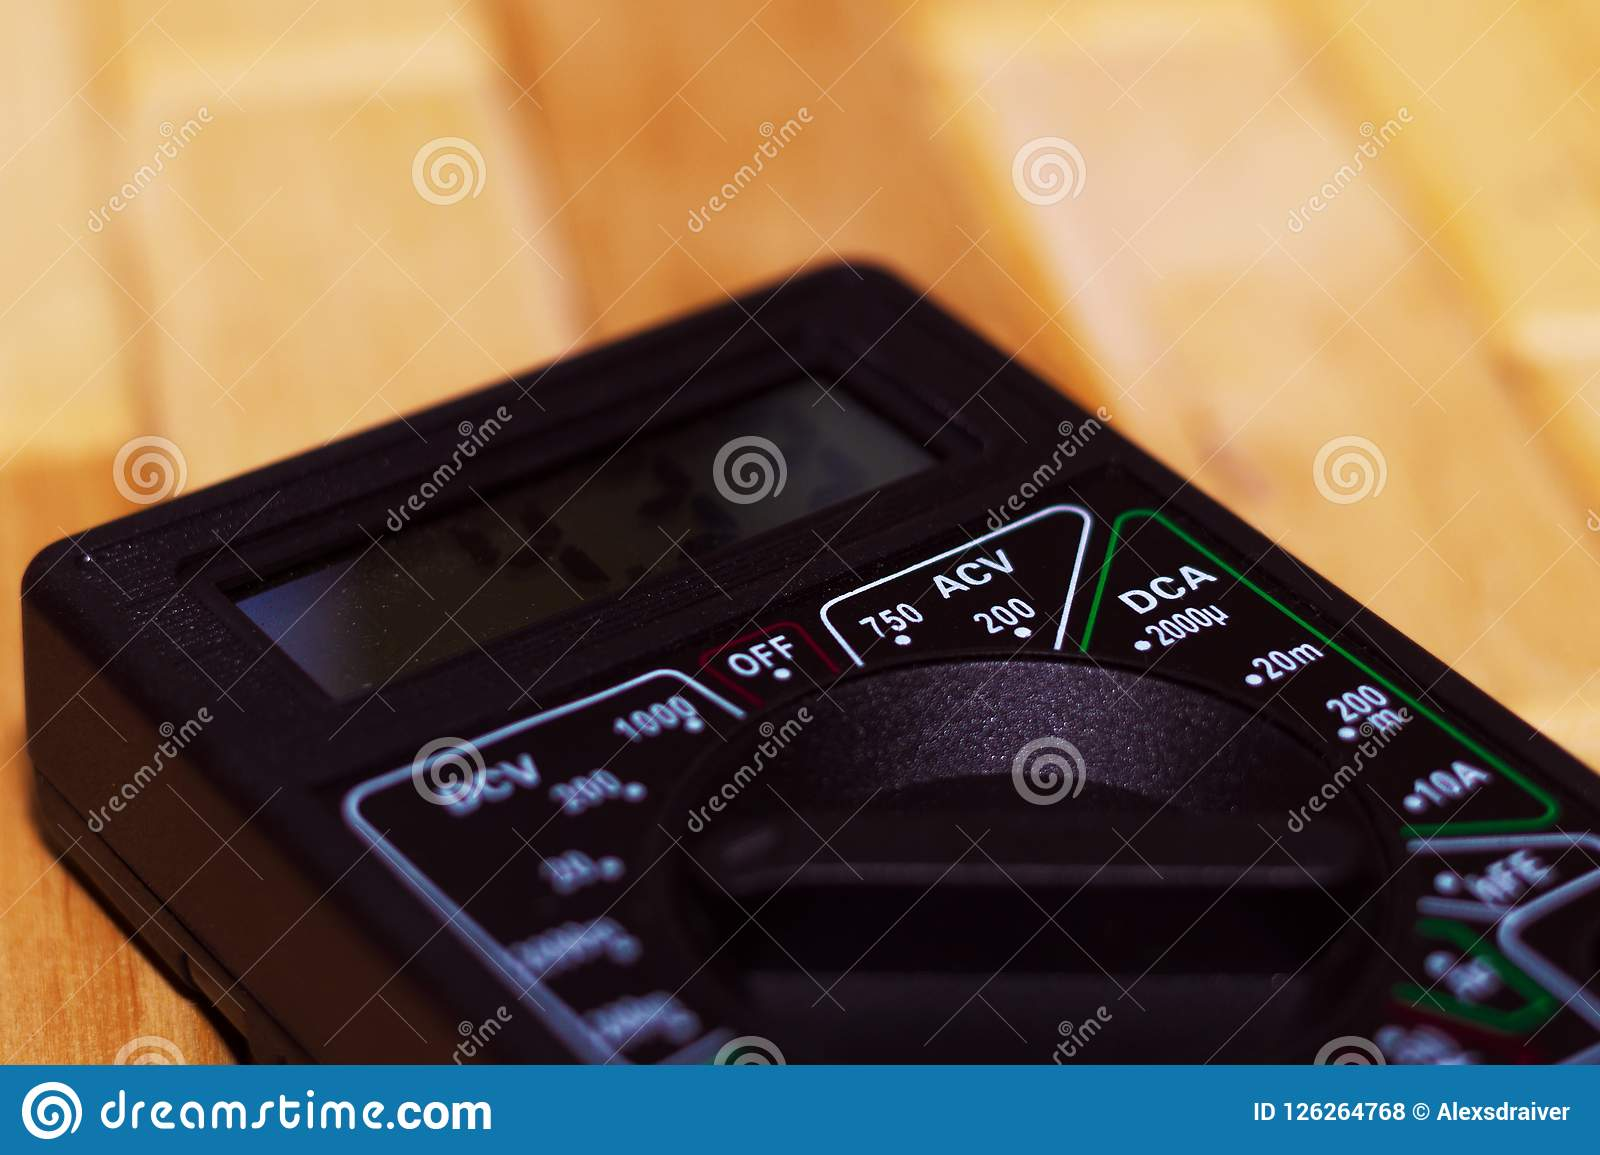 Ψηφιακό μετρώντας πολύμετρο στο ξύλινο πάτωμα Παρουσιάζει 4 33V ή πλήρως φορτισμένη μπαταρία Περιλαμβάνει το βολτόμετρο, ampermet